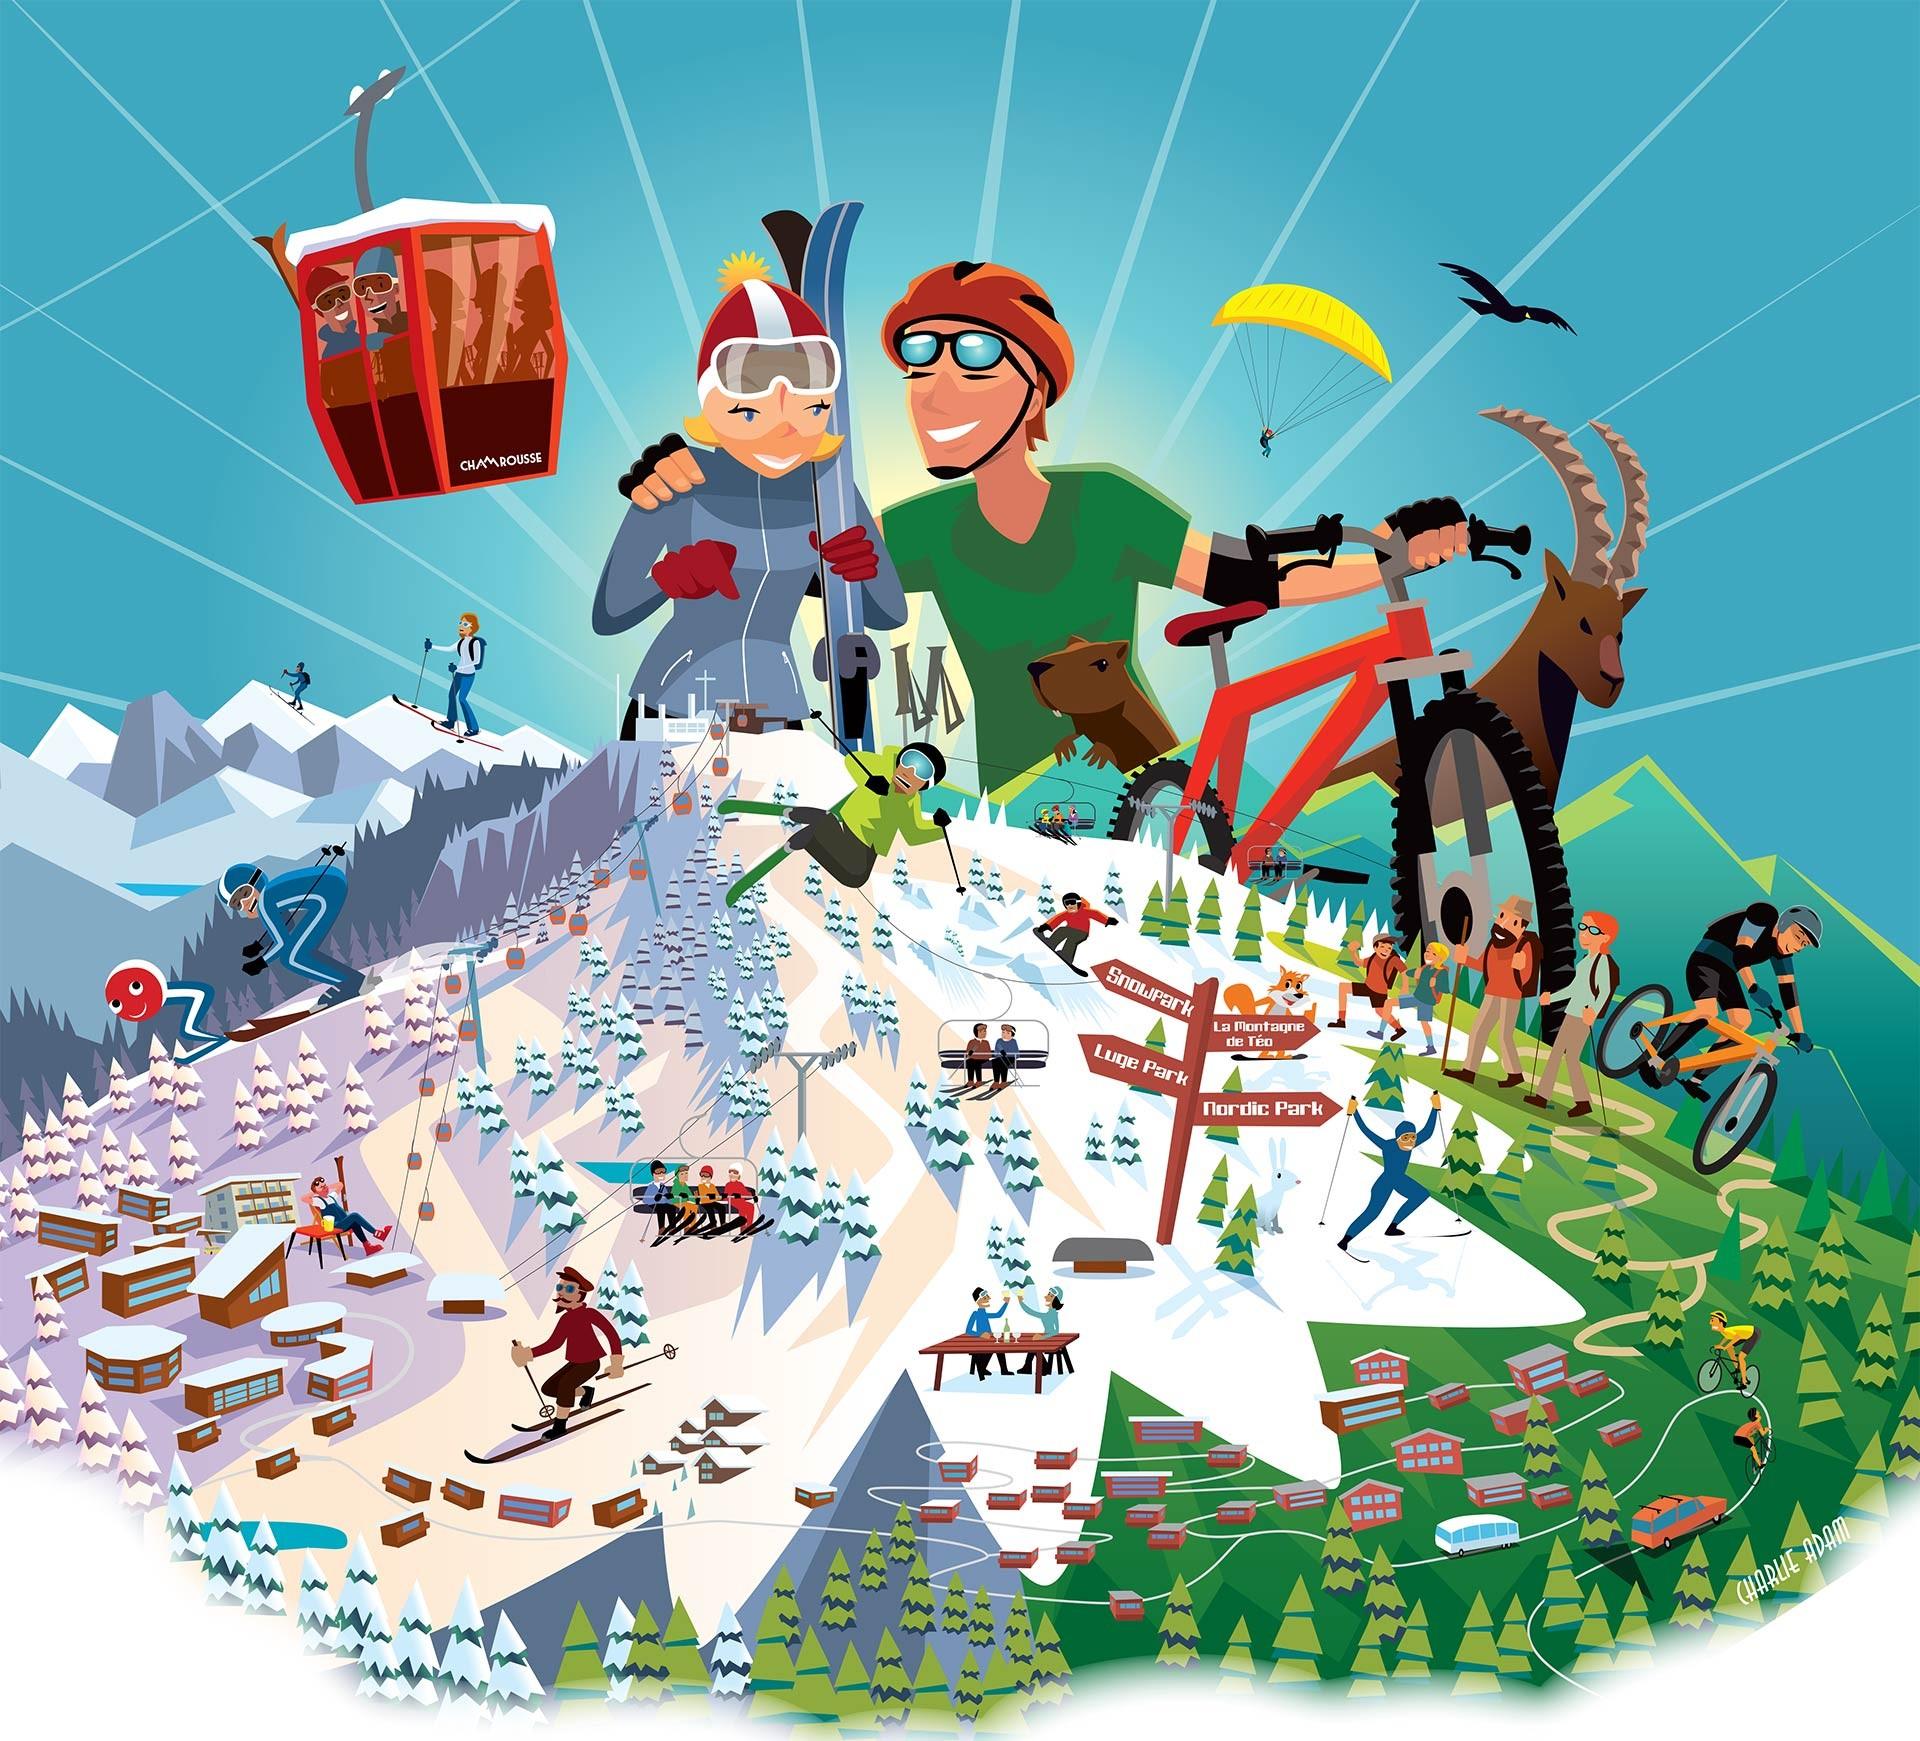 Chamrousse séjour hébergement aventure sport bien-être station ski snowboard montagne randonnée vtt vélo parapente été hiver isère alpes